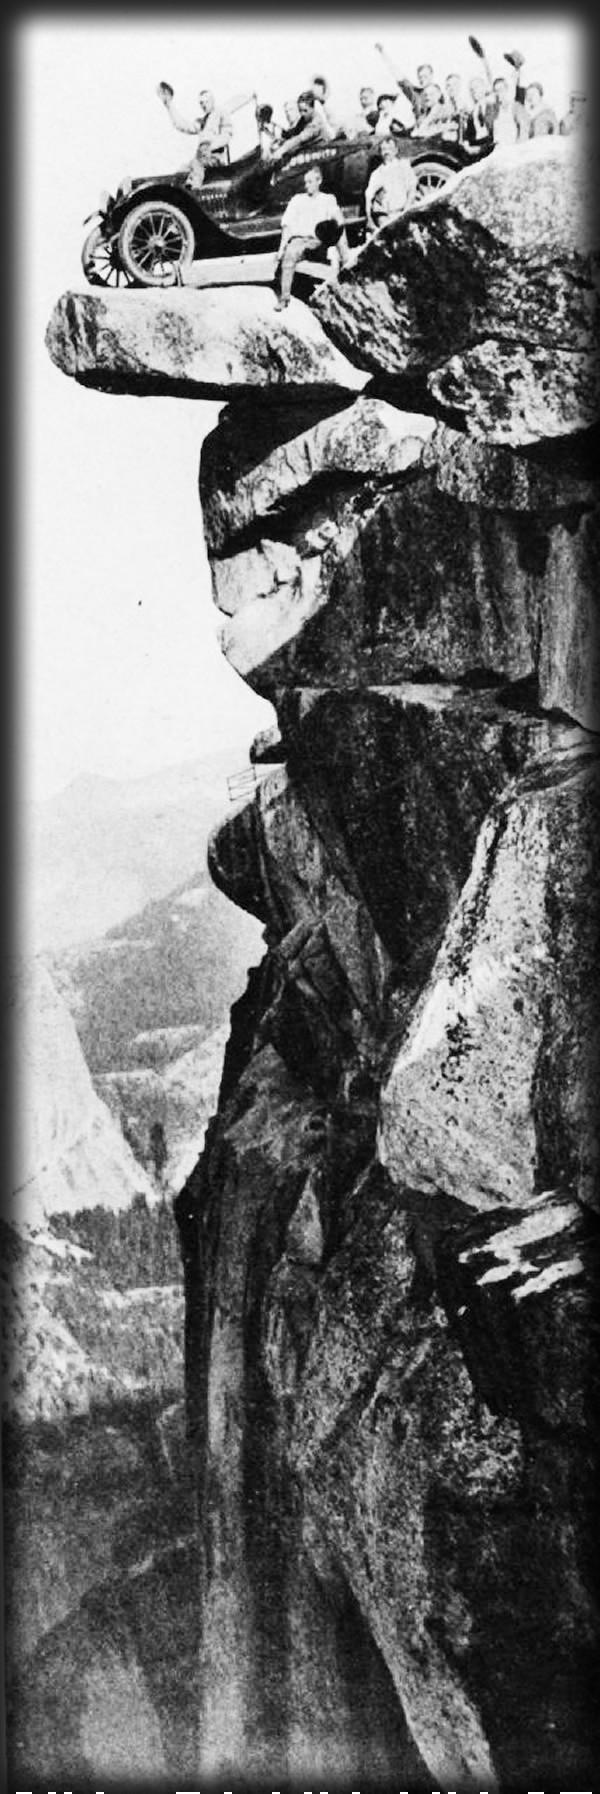 Glacier Point, c. 1916, Publicity shot of a Studebaker Roadster. Image: Vintage Everyday (vintage.es.)